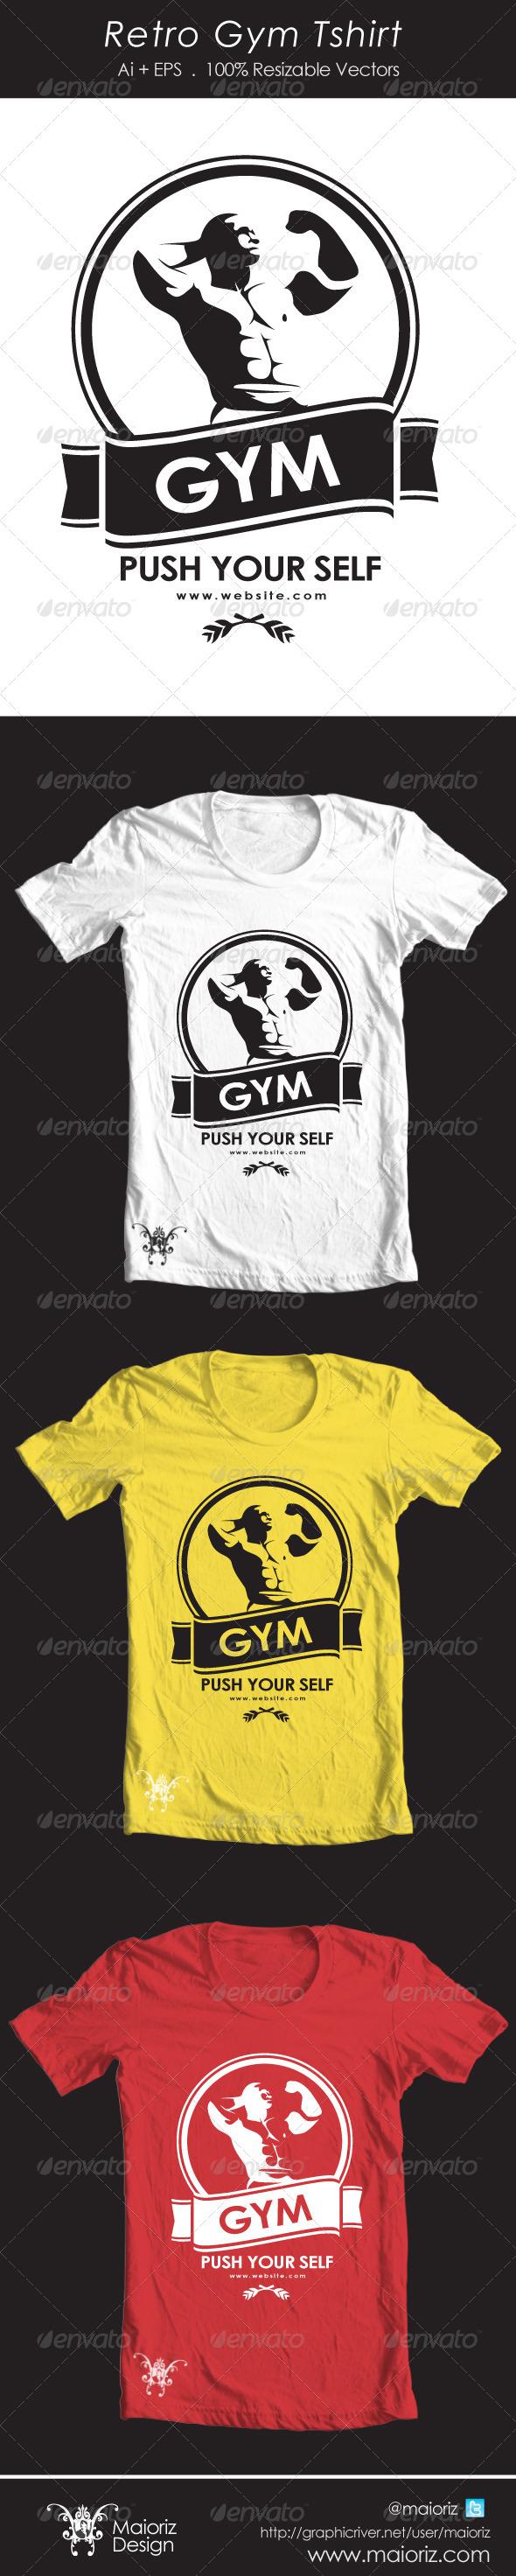 Retro Gym Tshirt - Sports & Teams T-Shirts